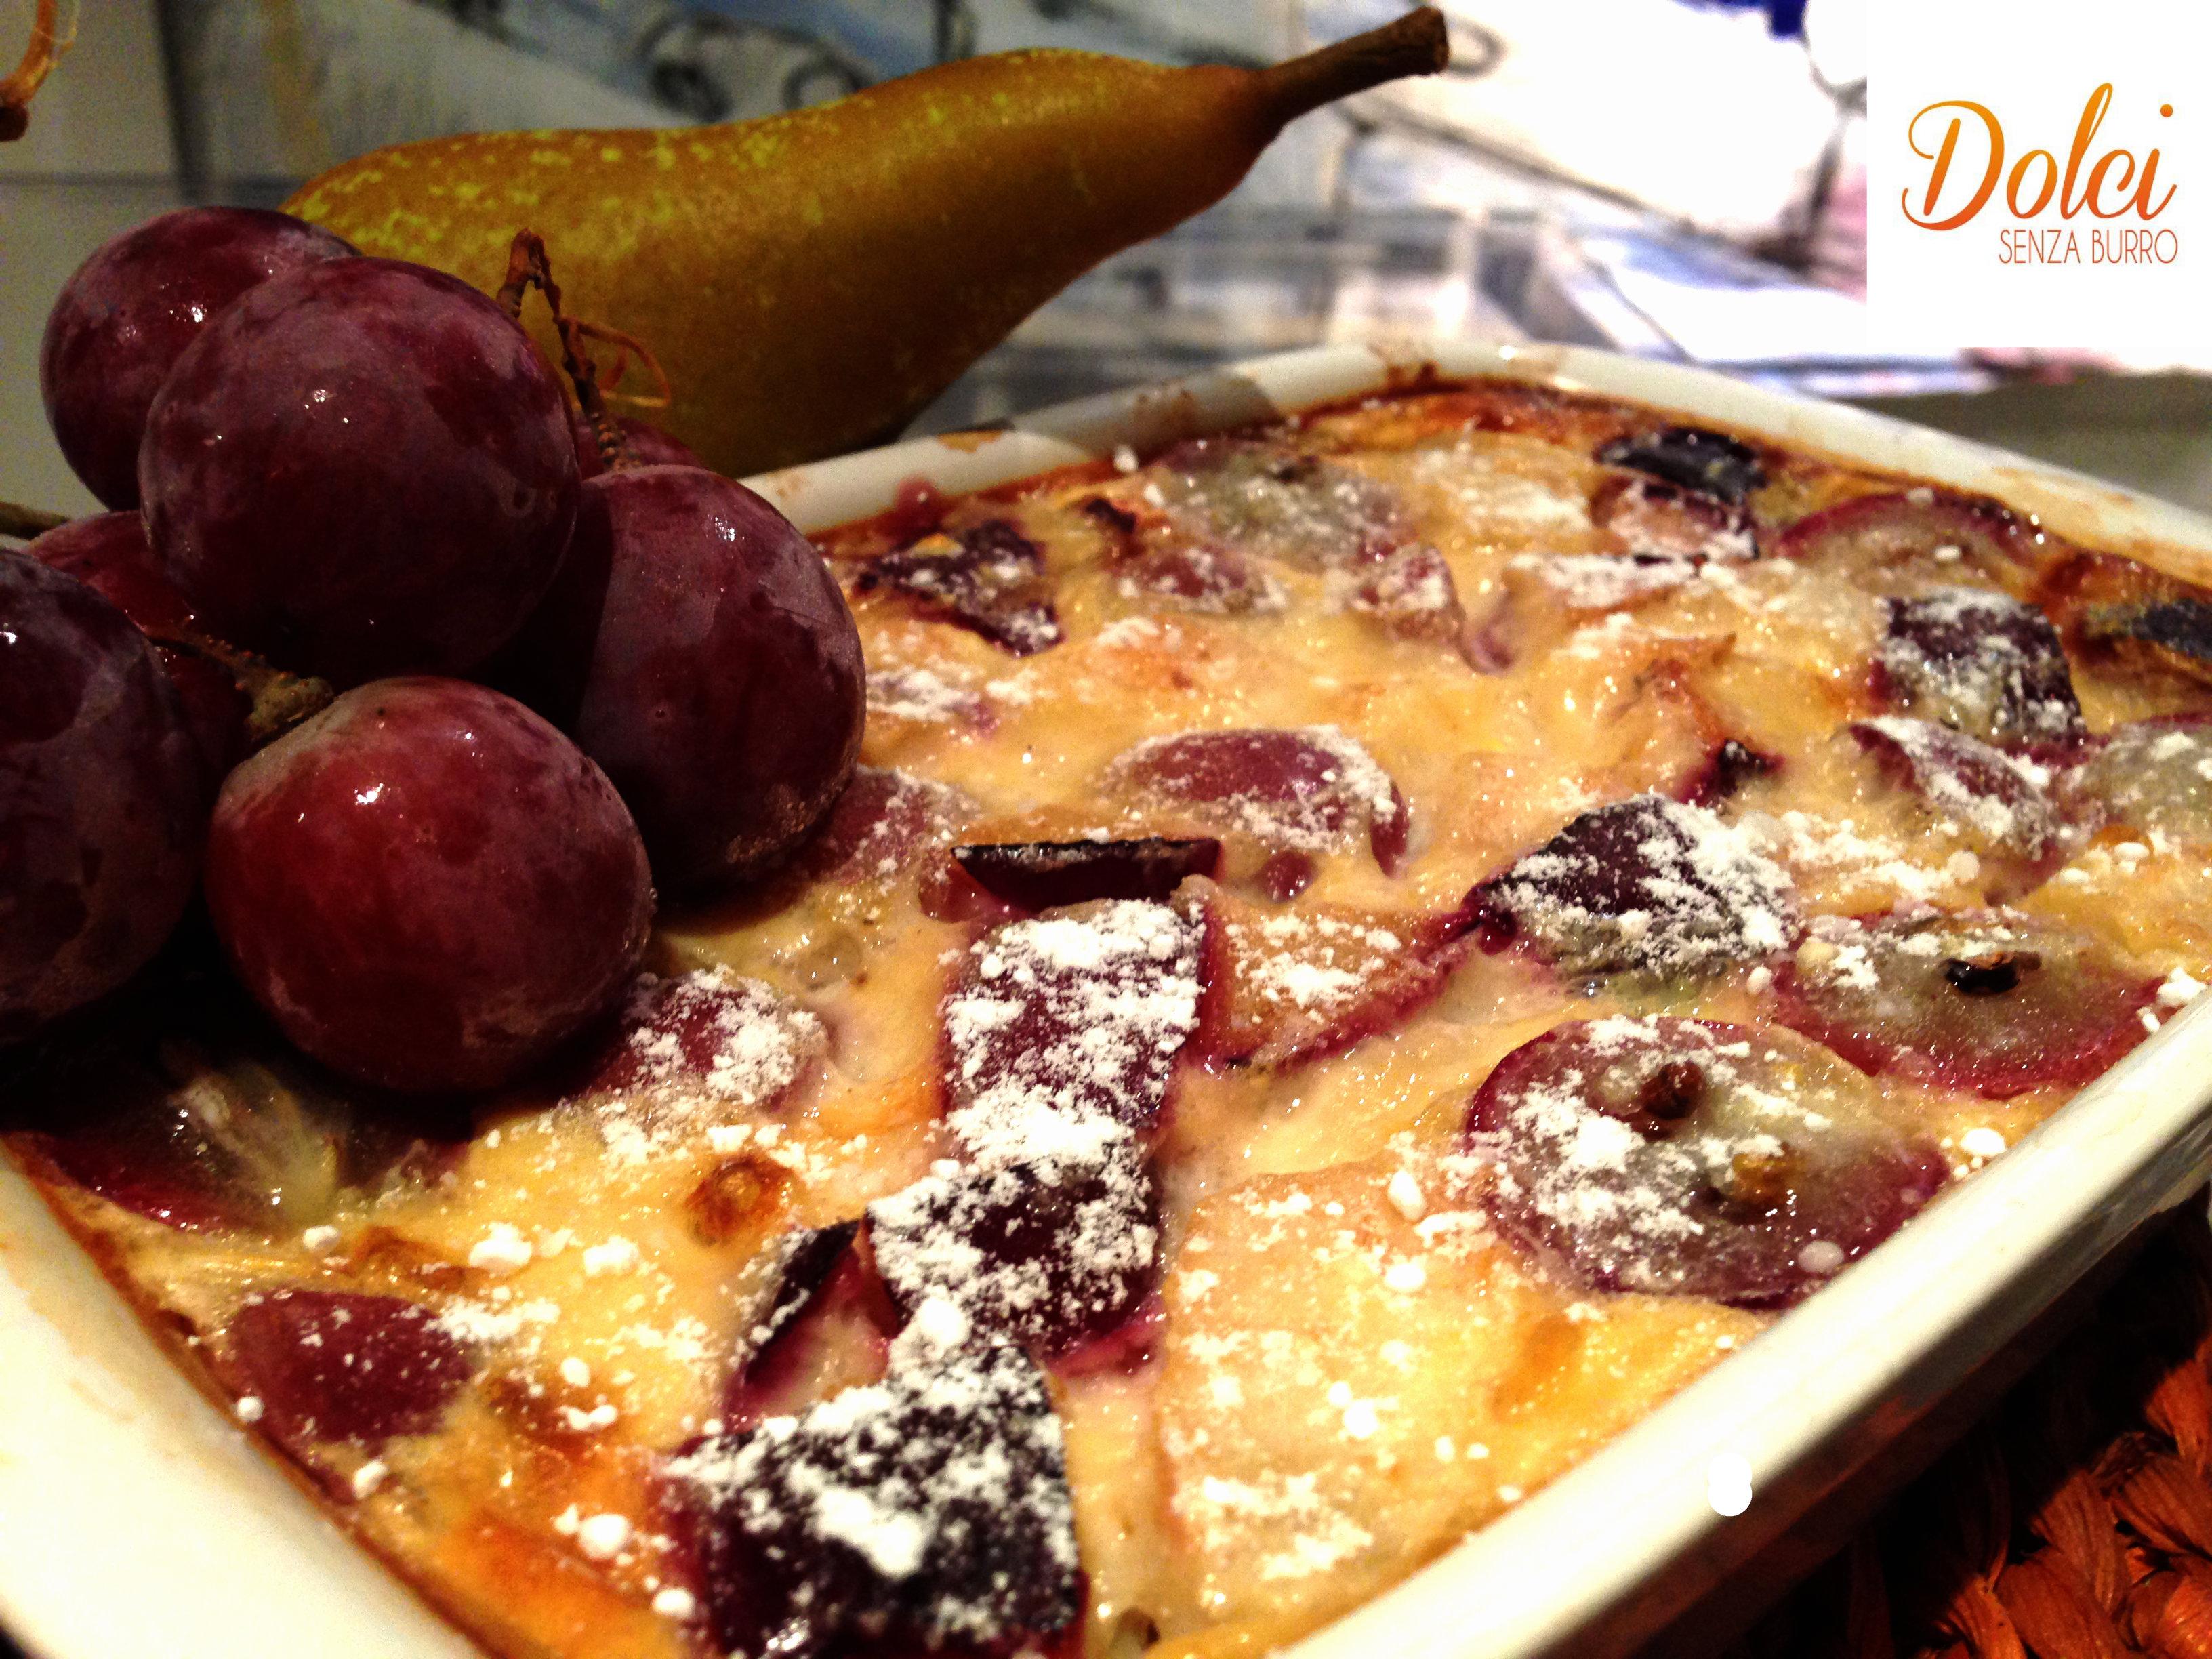 Clafoutis Senza Burro , il dolce francese di dolci senza burro